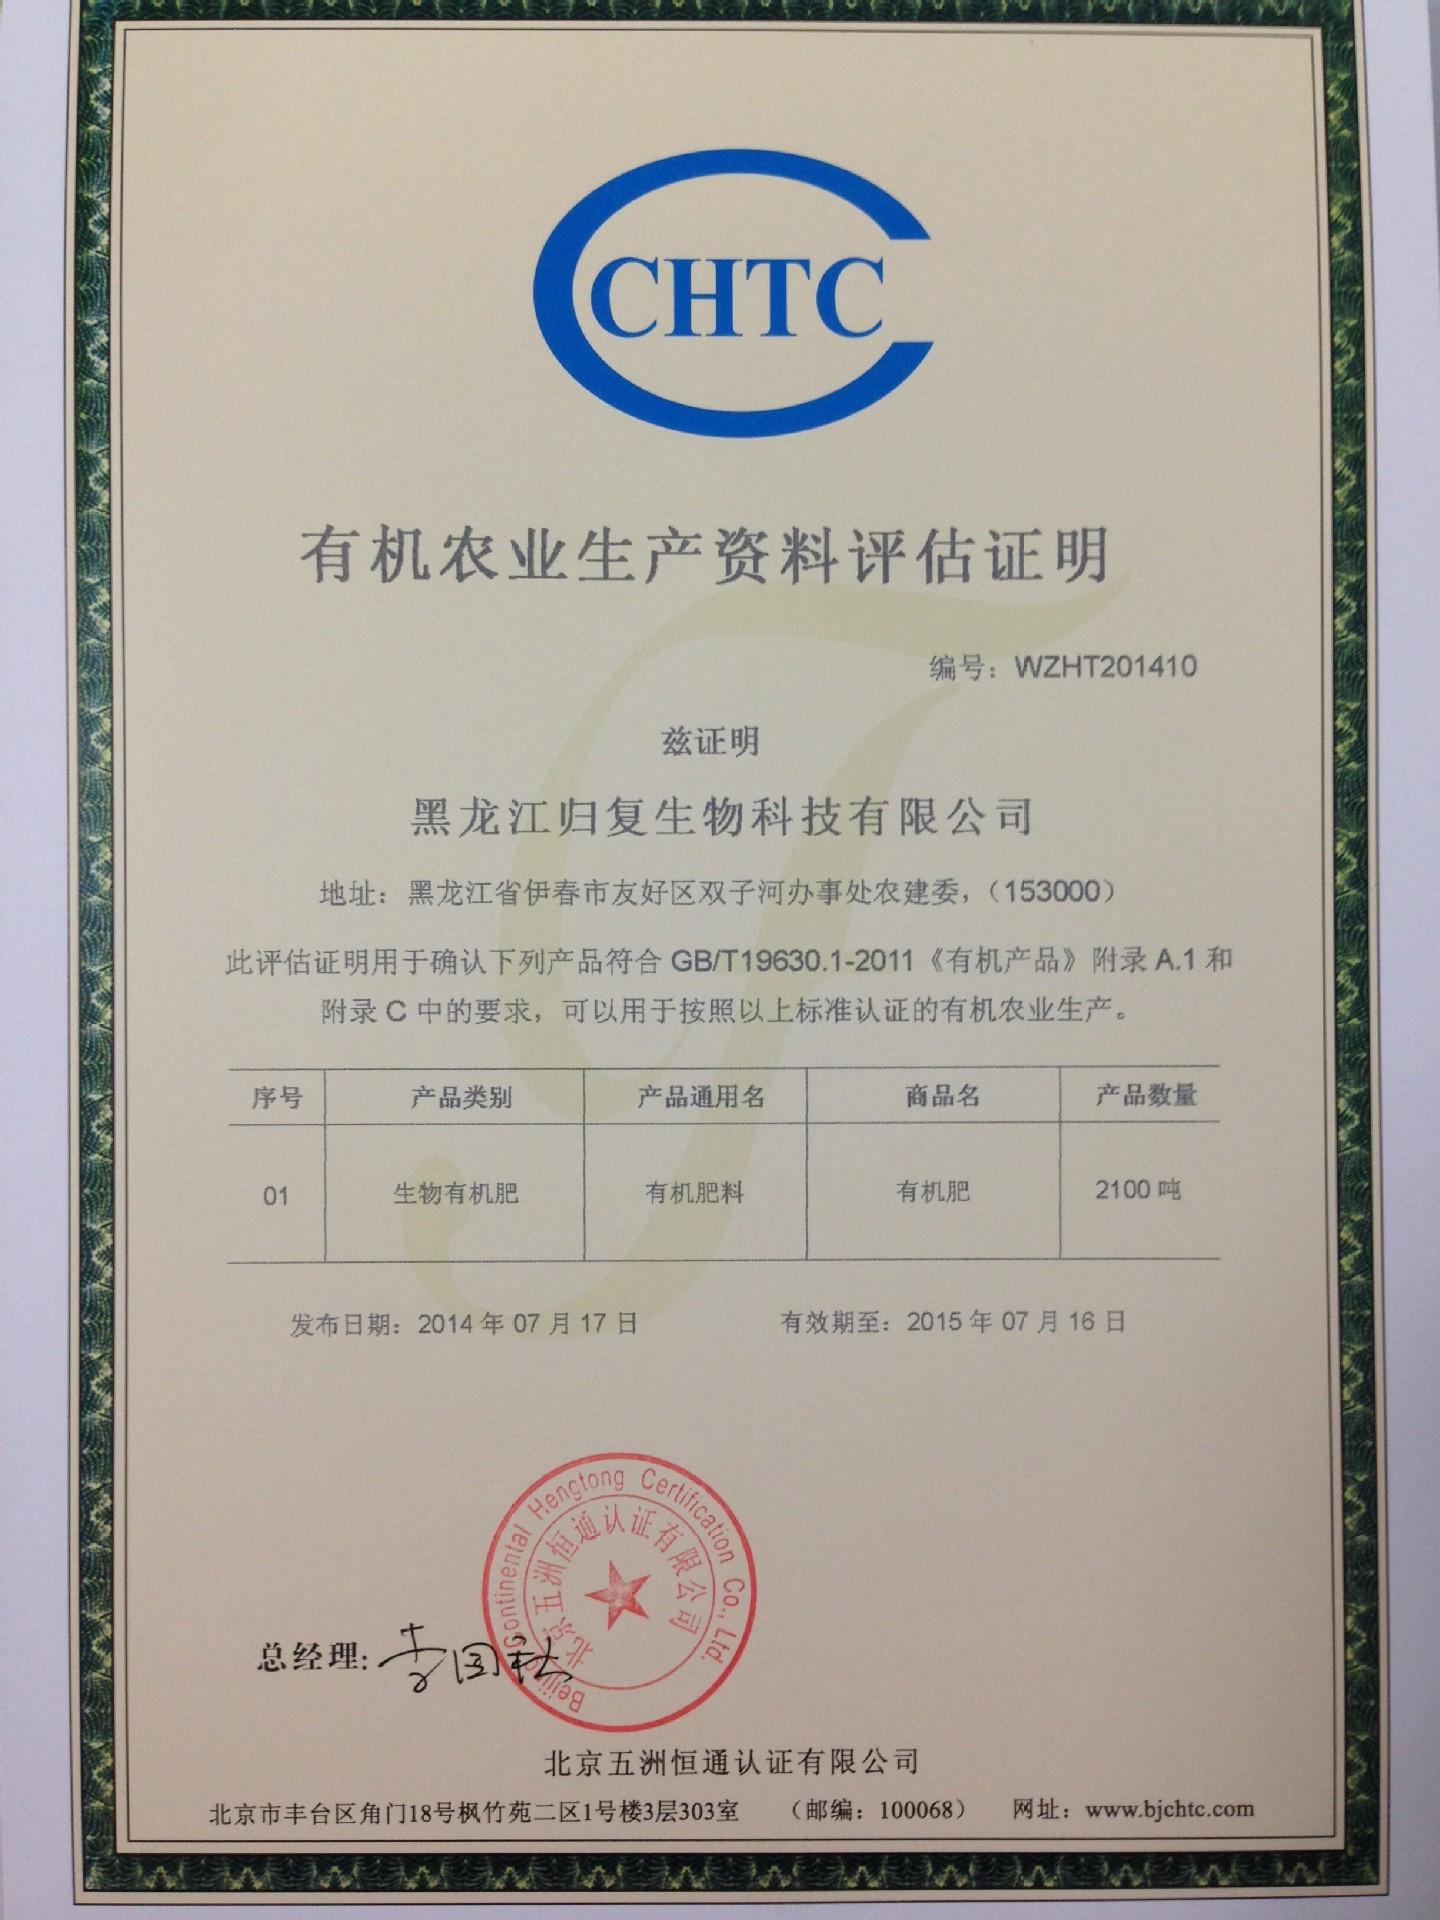 专业提供品质保证有机肥检验评估服务 有机肥商业服务认证机构